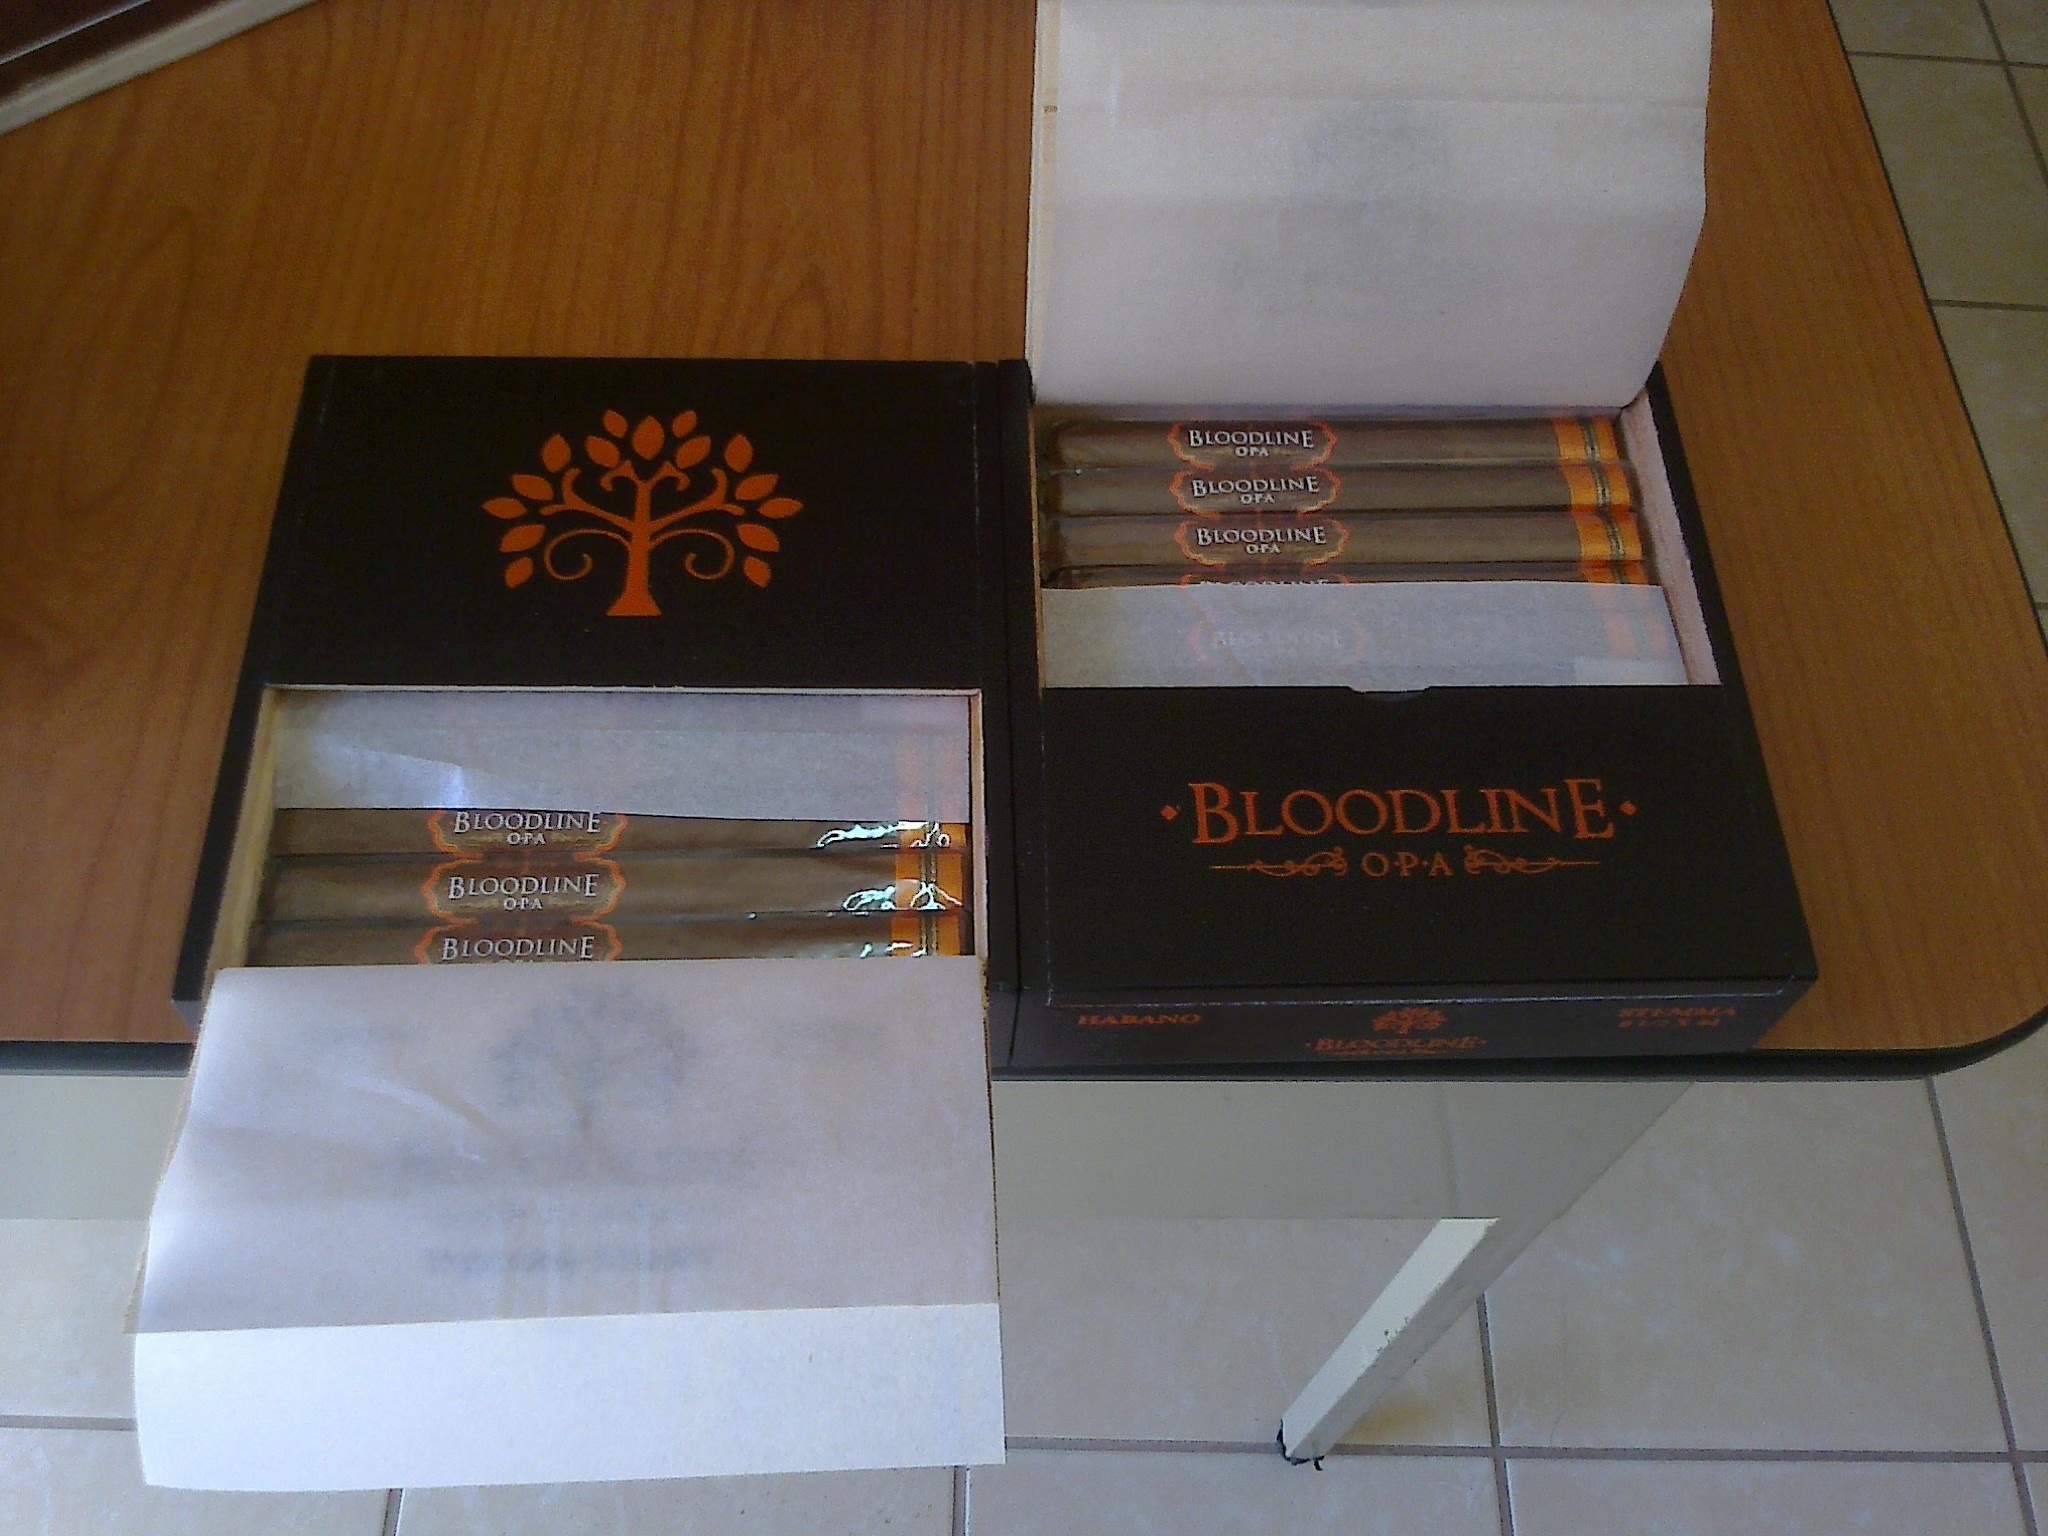 bloodline orange.jpg